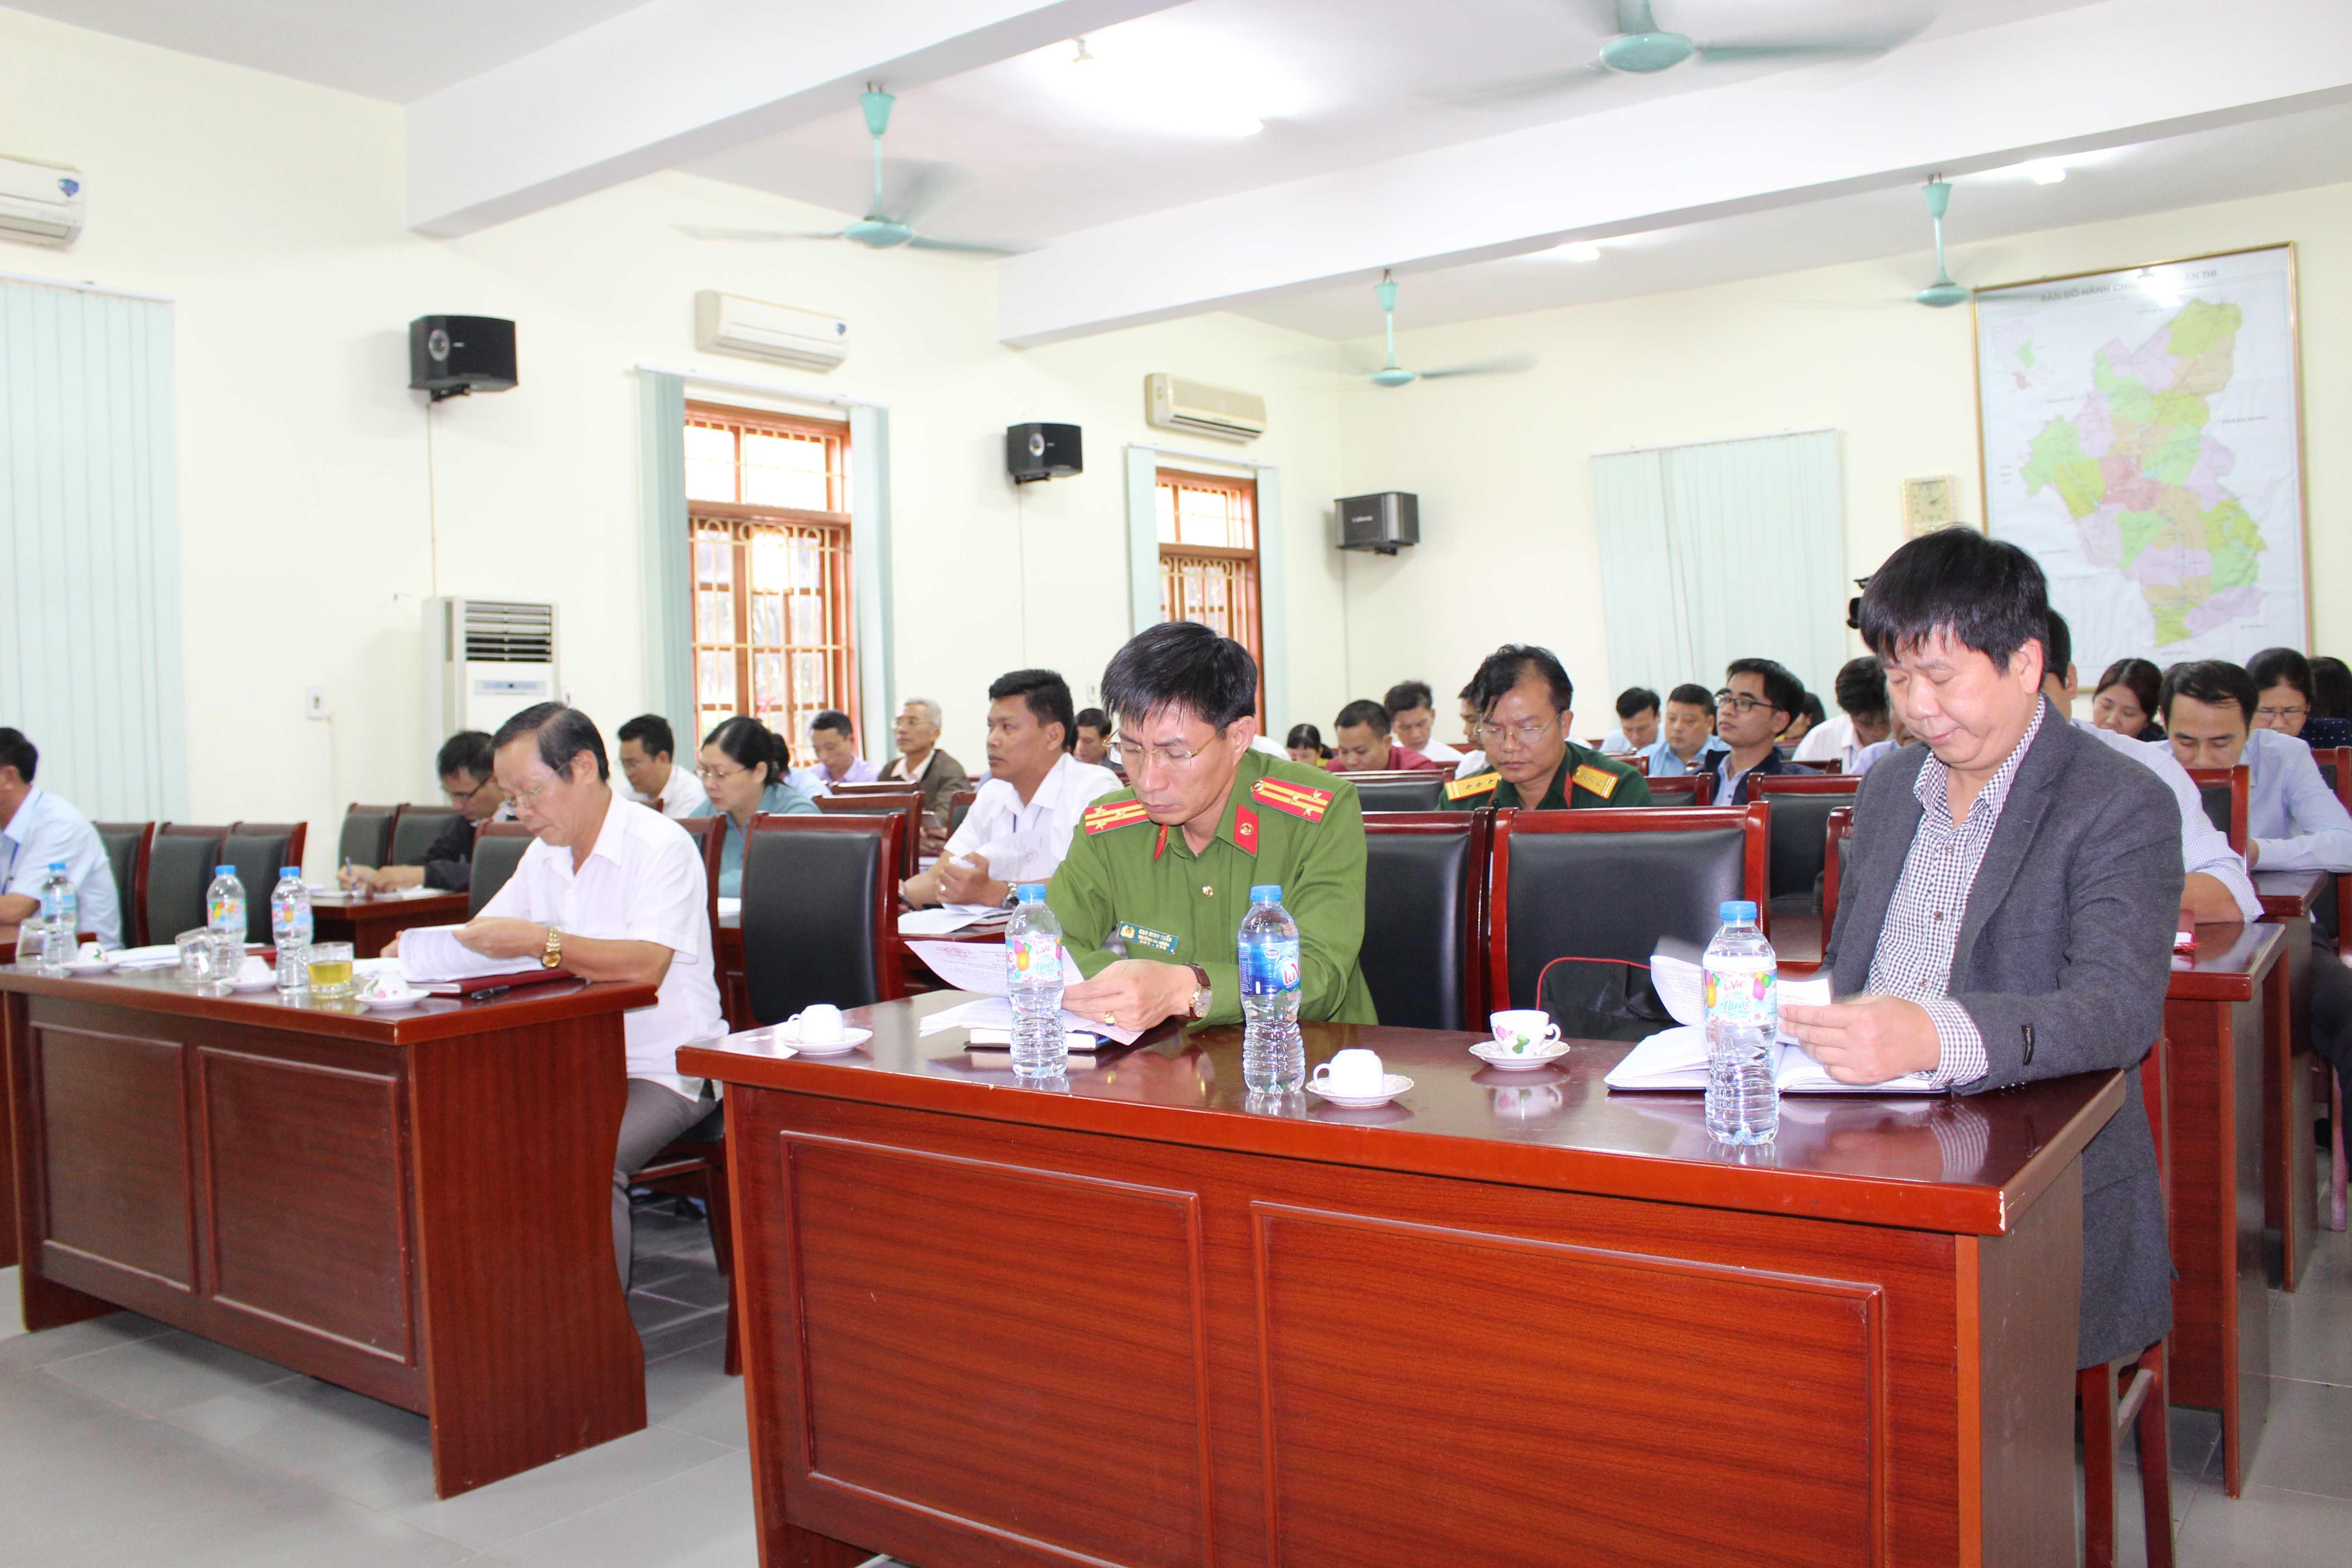 Huyện Ân Thi Hưng Yên  Chú trọng công tác tiếp dân và giải quyết khiếu nại, tố cáo